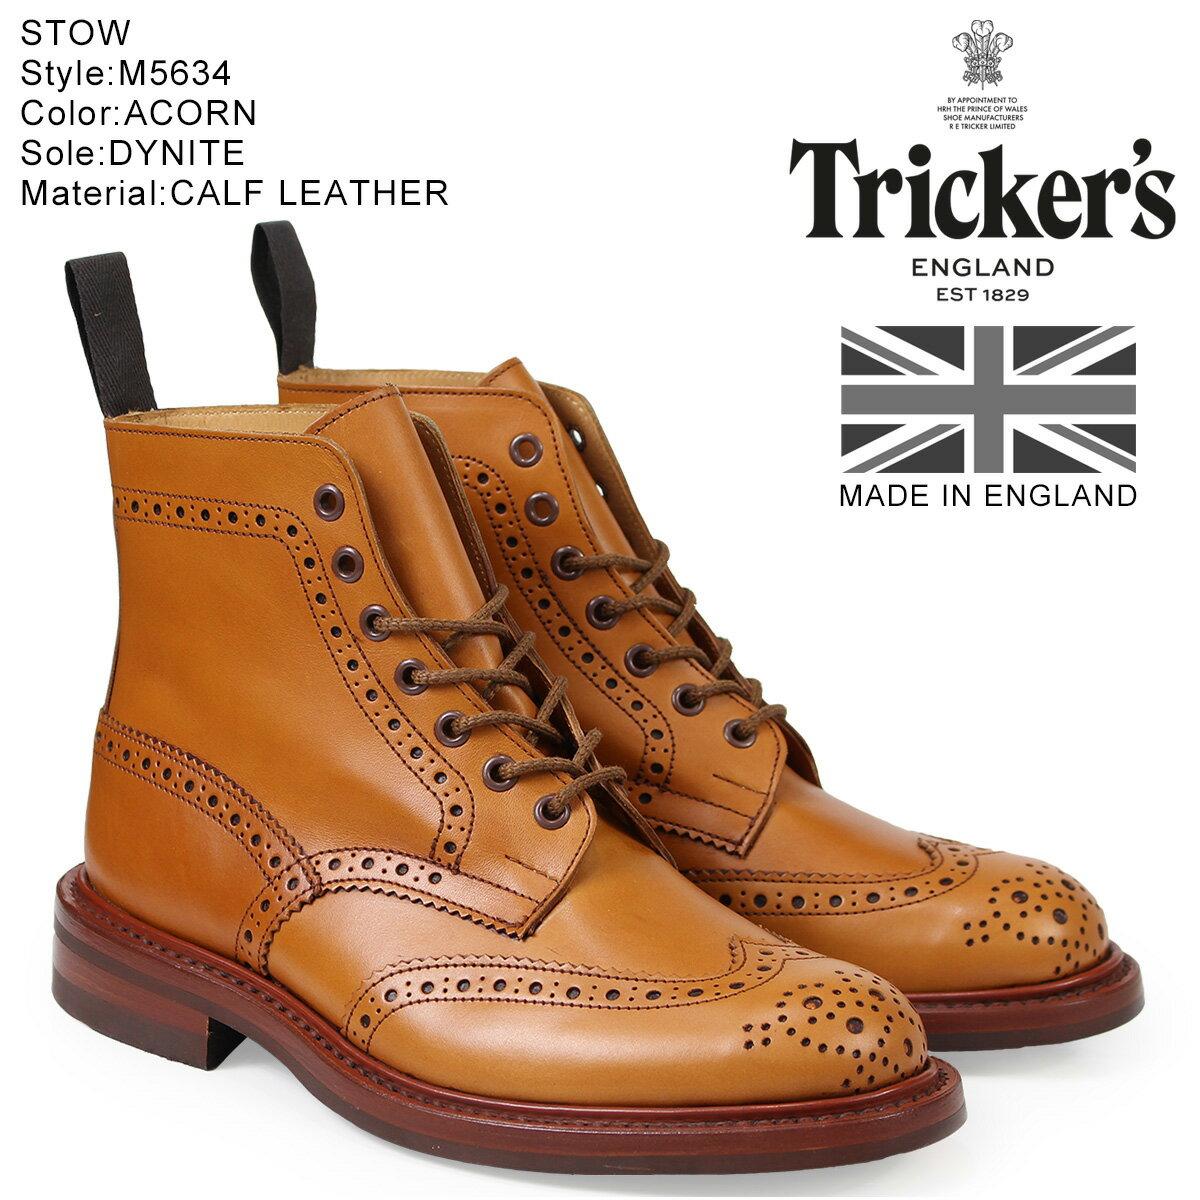 【最大2000円OFFクーポン】 トリッカーズ Tricker's カントリーブーツ STOW M5634 5ワイズ メンズ ライトブラウン